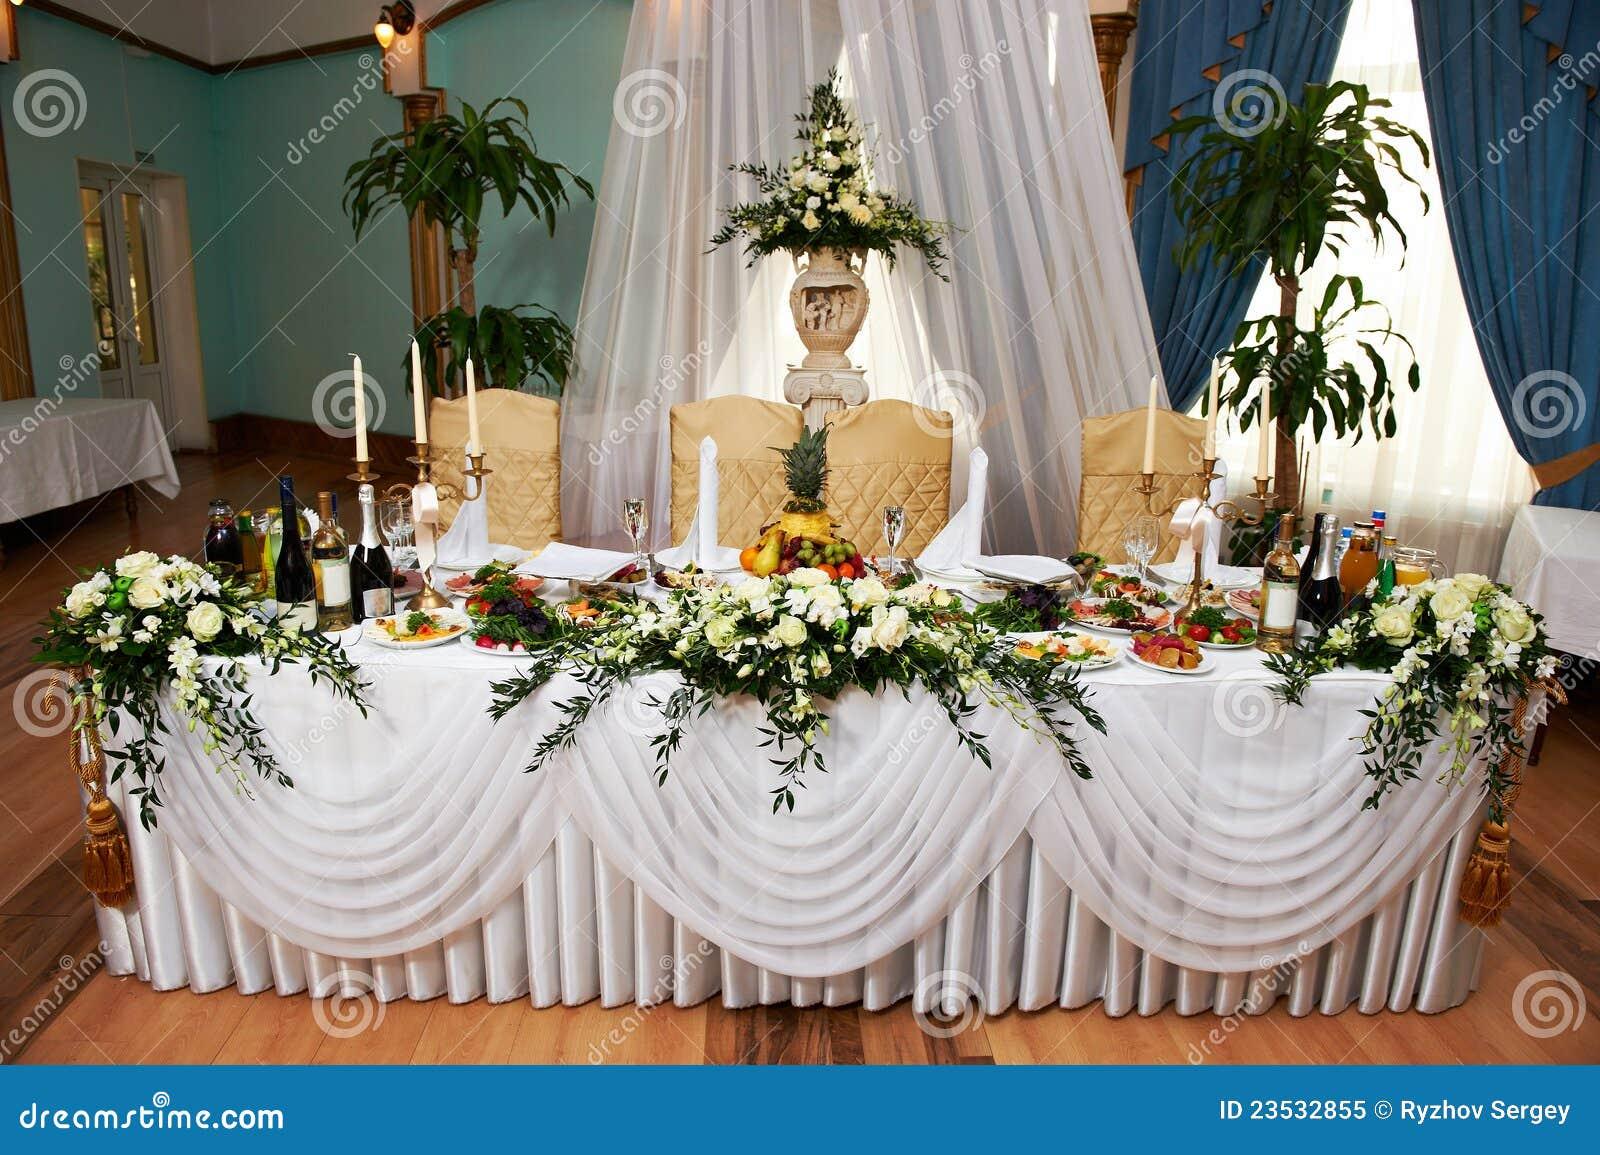 table de mariage pour la mari e et le mari photo libre de. Black Bedroom Furniture Sets. Home Design Ideas